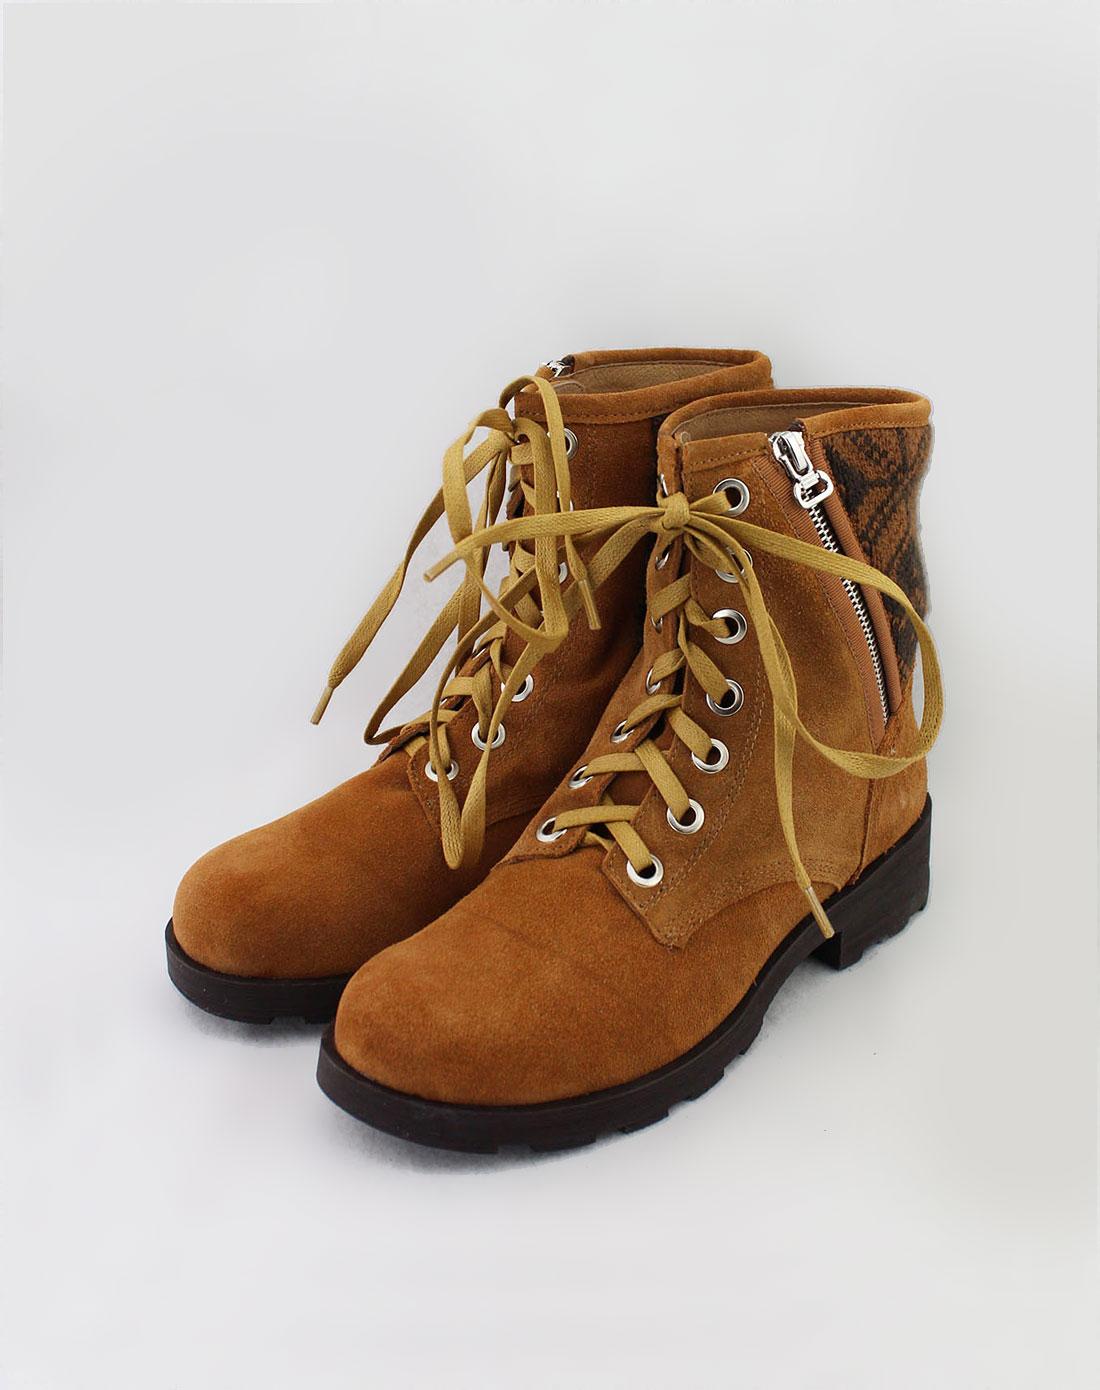 马丁靴女款品牌_GGIRL女款杏黄色休闲绑带马丁靴991E14080505C_唯品会